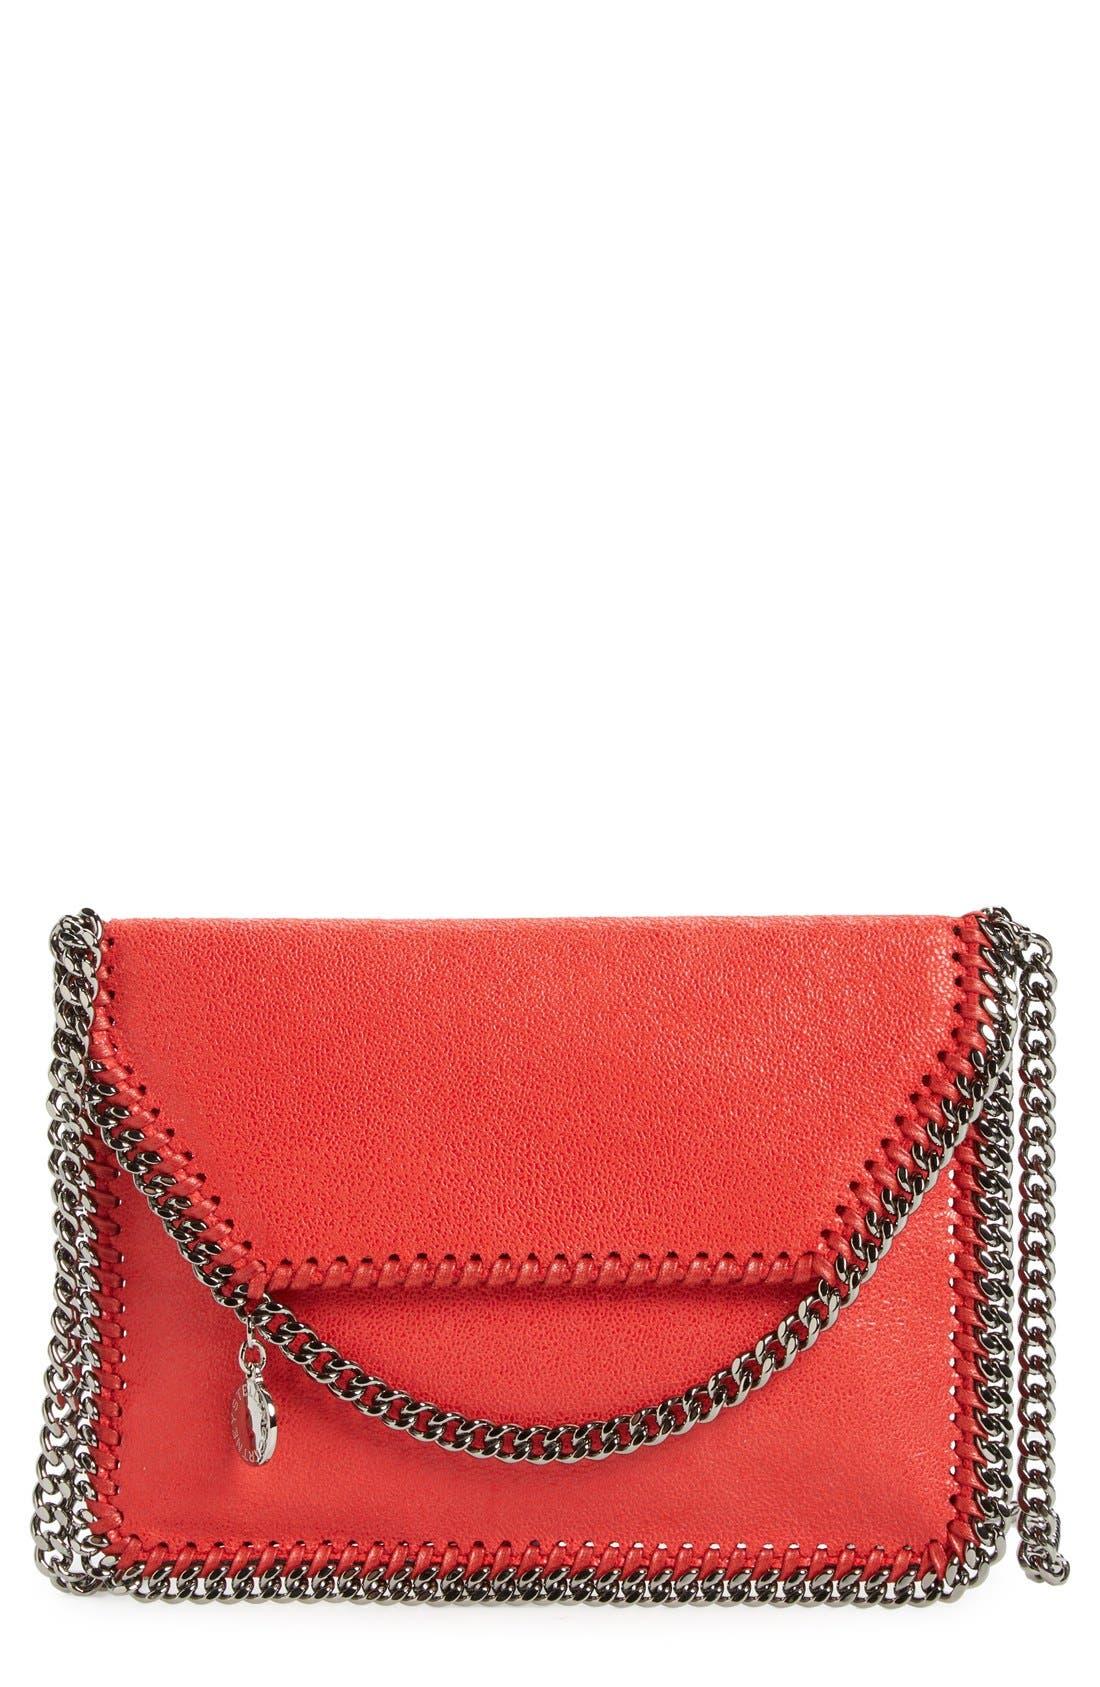 Stella McCartney 'Mini Falabella - Shaggy Deer' Faux Leather Crossbody Bag